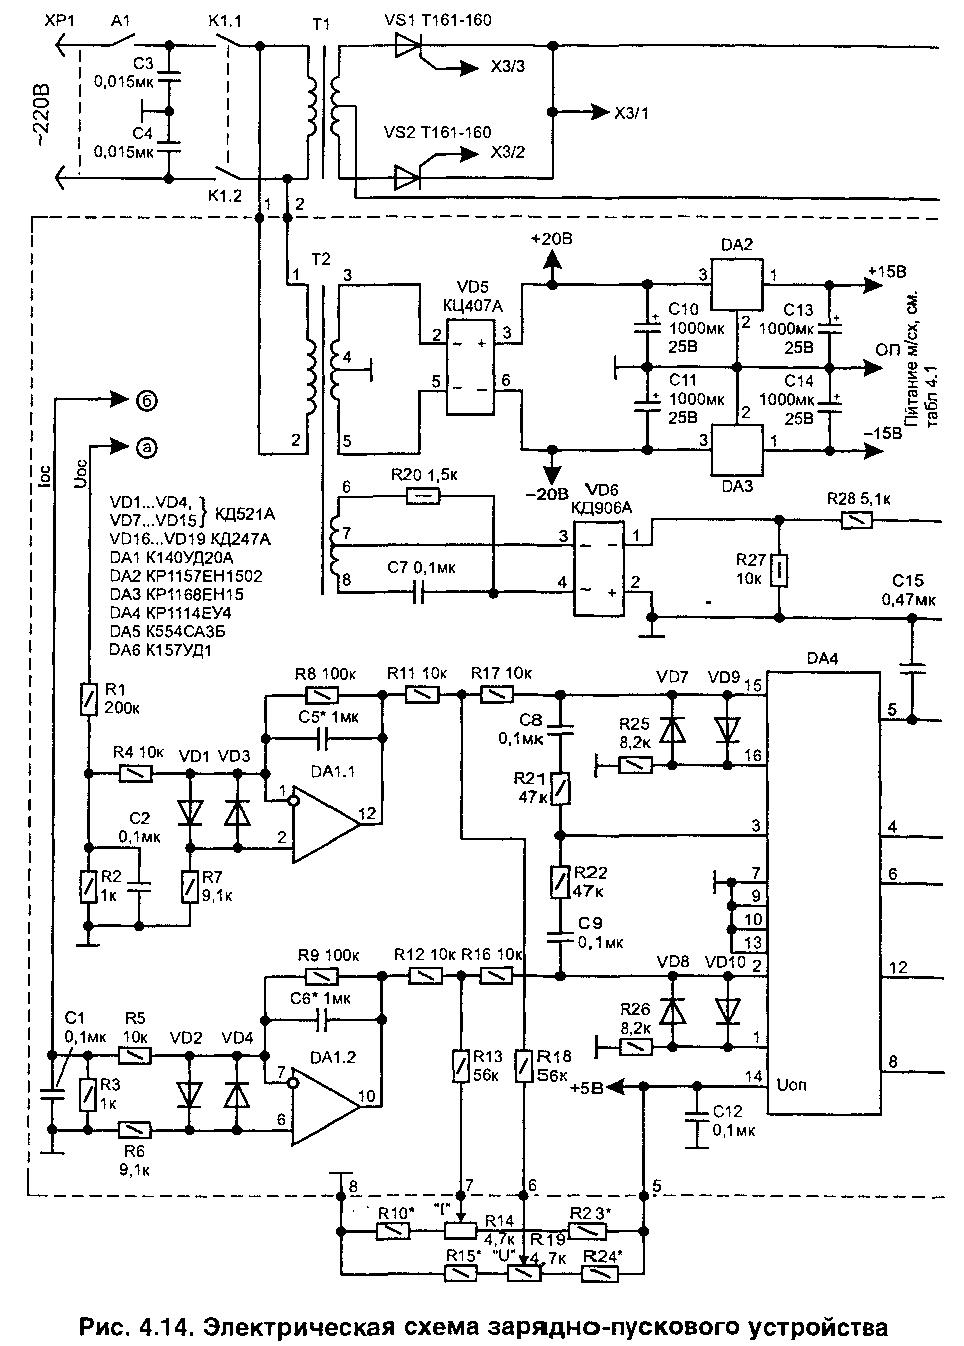 Автоматическое зарядно-пусковое устройство для автомобильного аккумулятора.